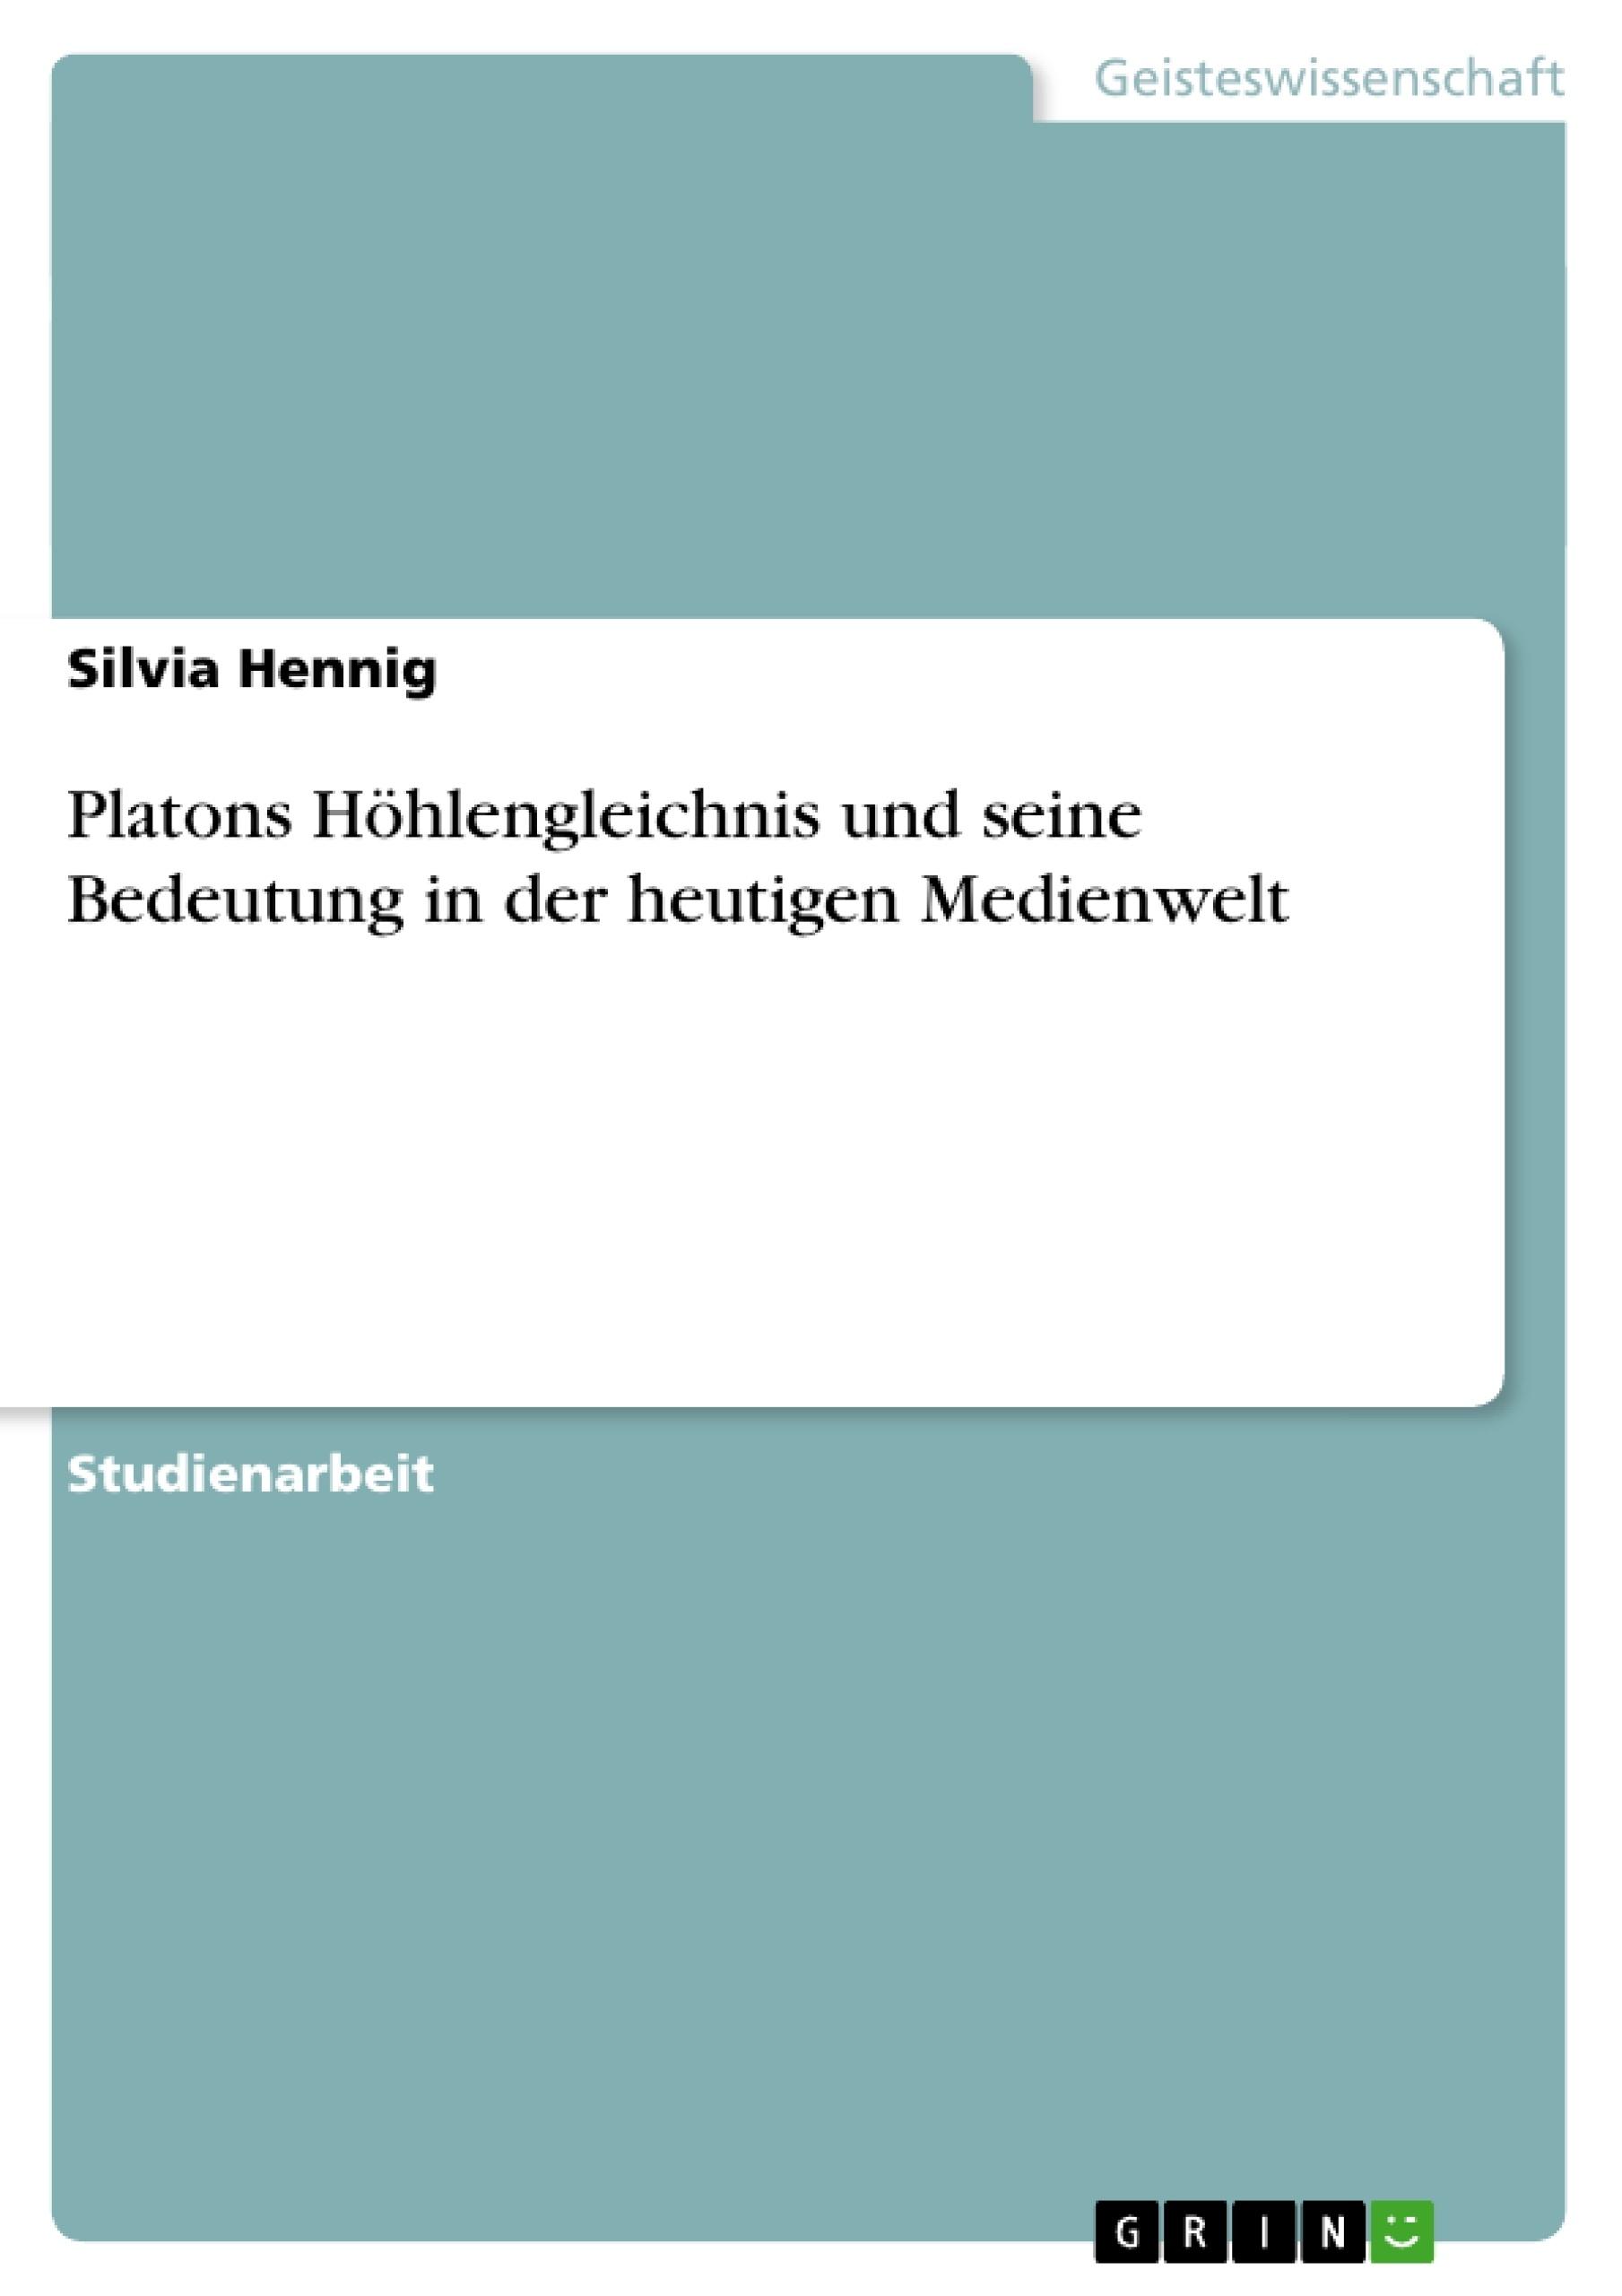 Titel: Platons Höhlengleichnis und seine Bedeutung in der heutigen Medienwelt